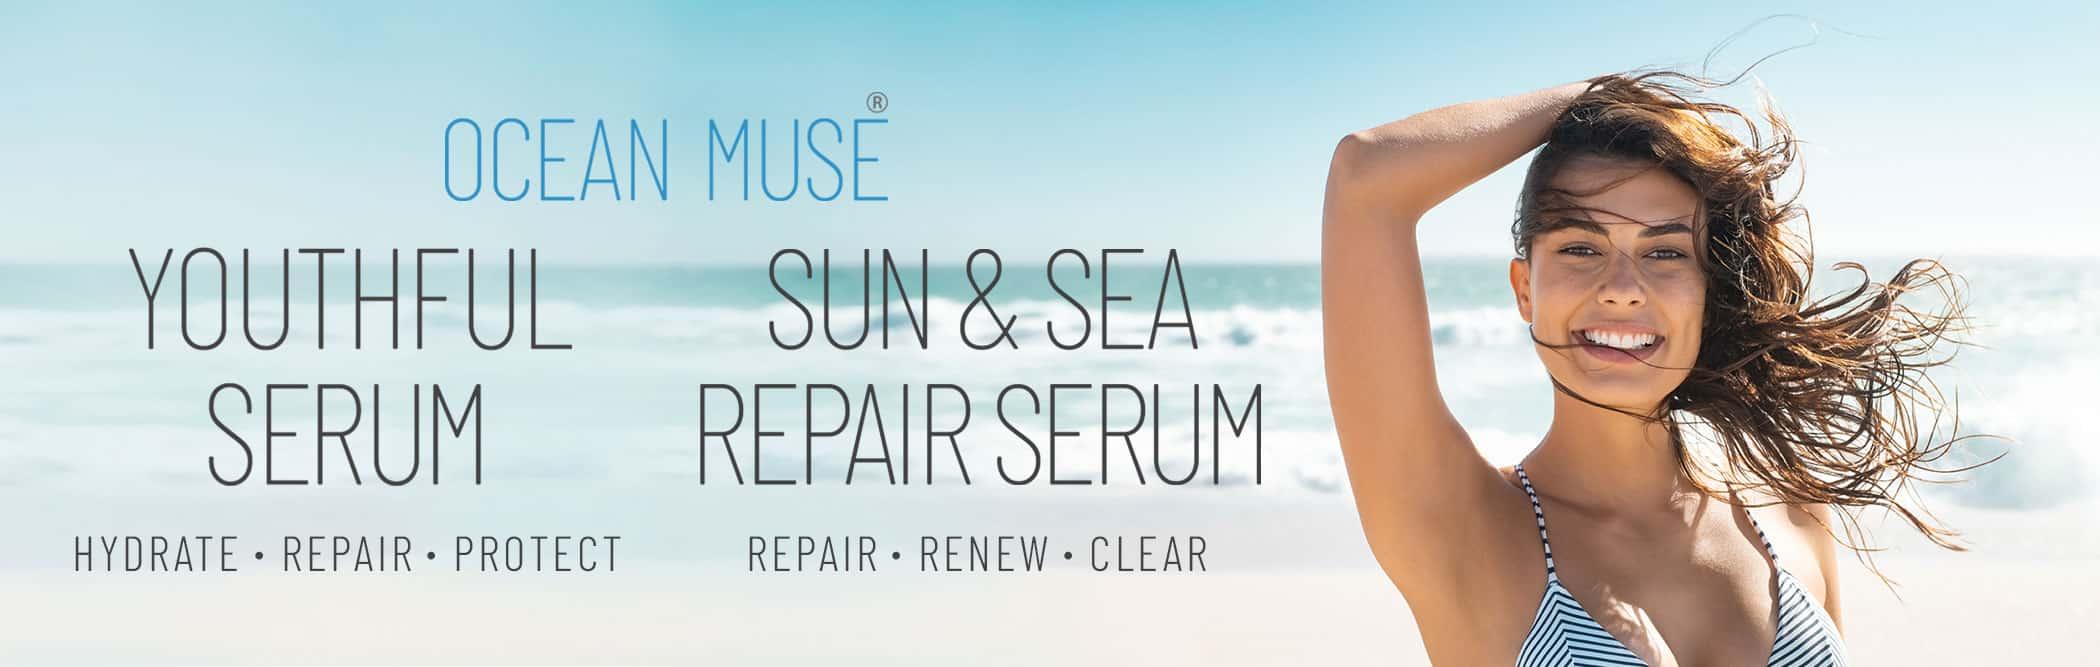 Ocean Muse Serums